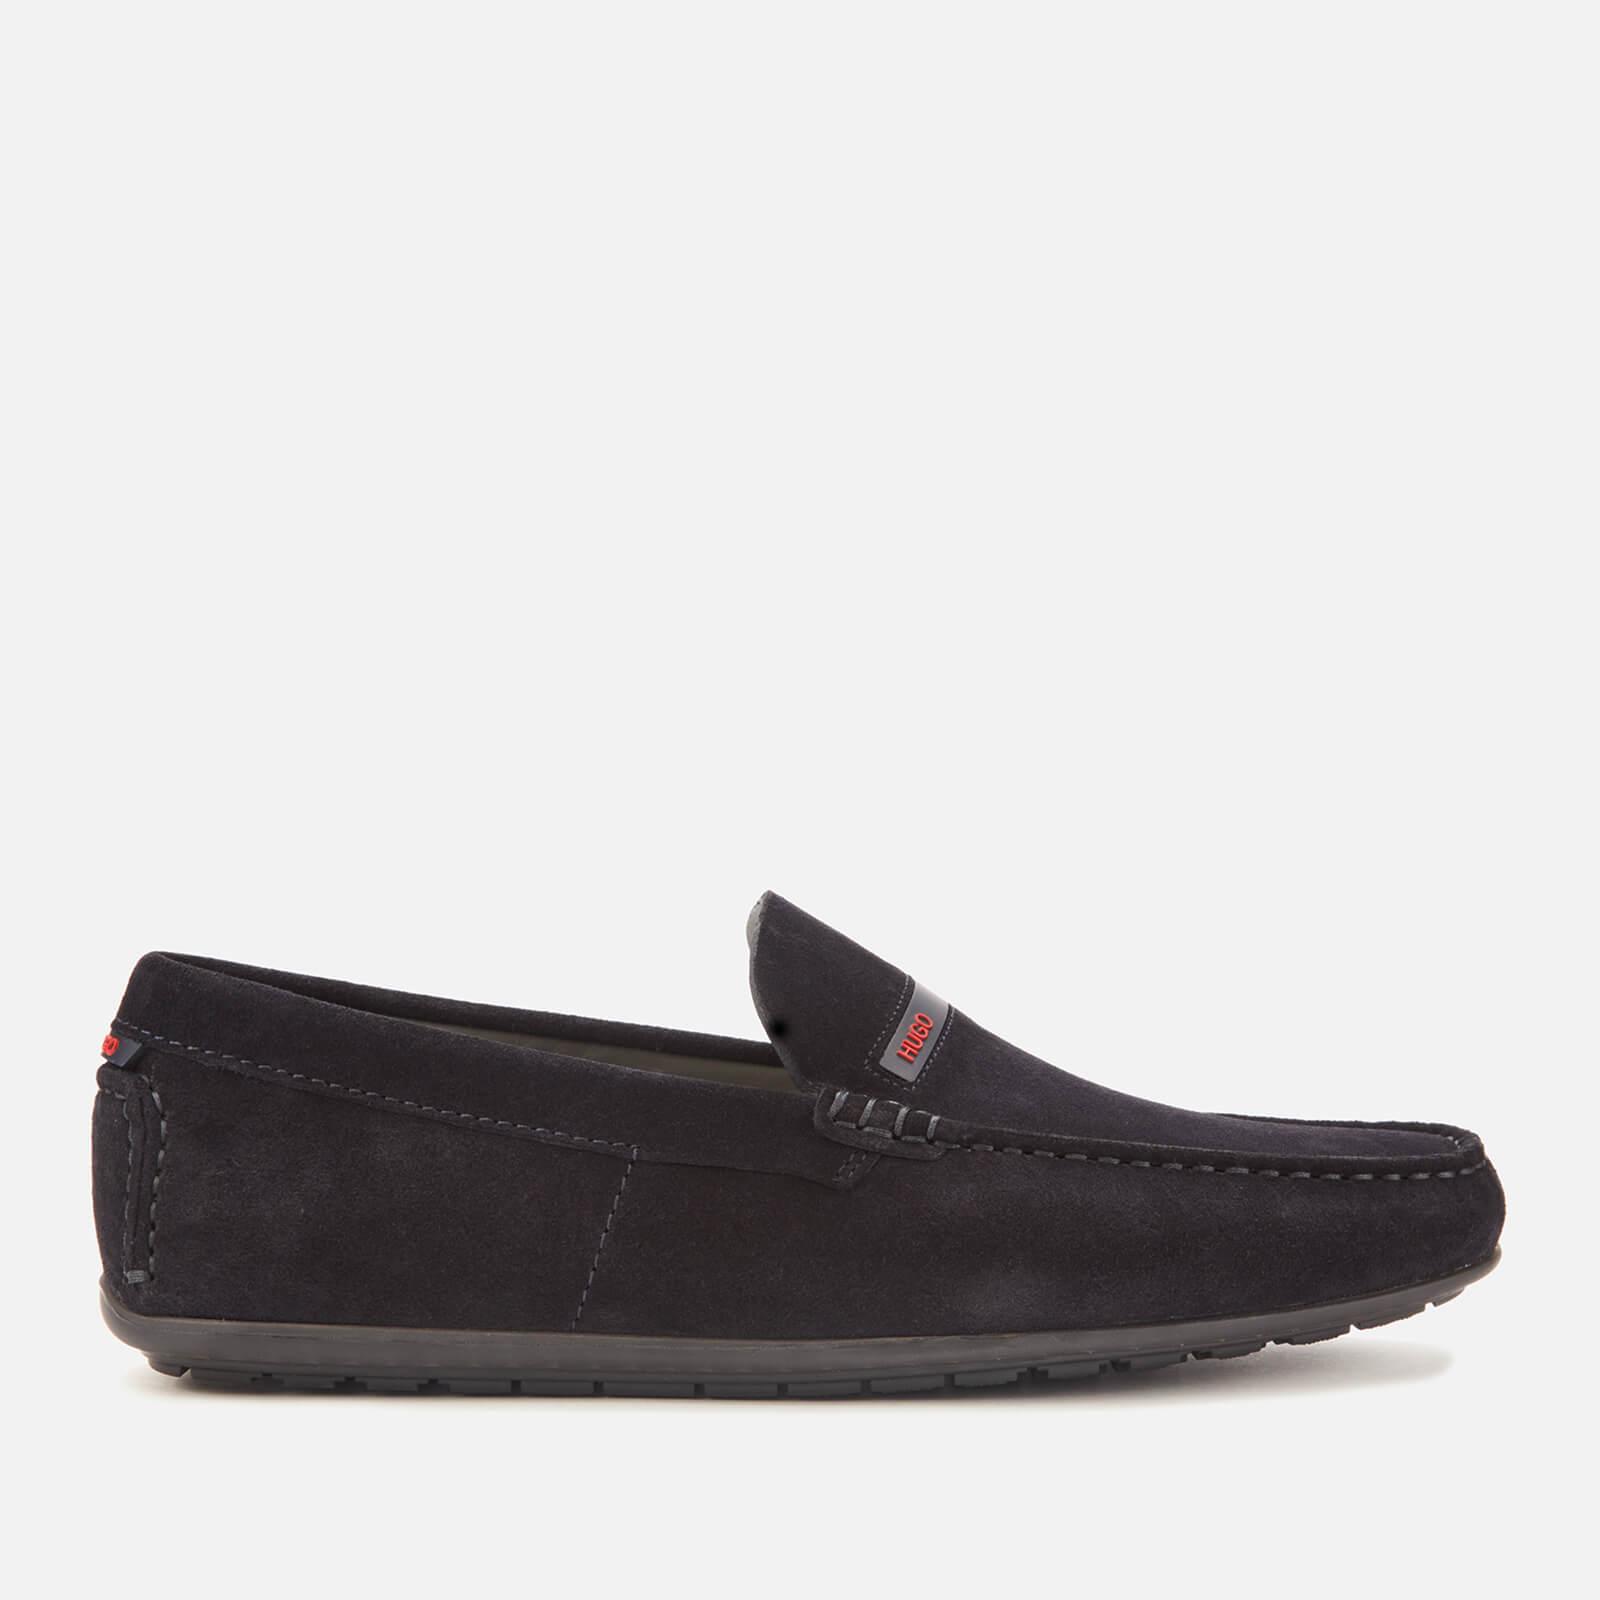 HUGO Men's Dandy Suede Driving Shoes - Navy - UK 8